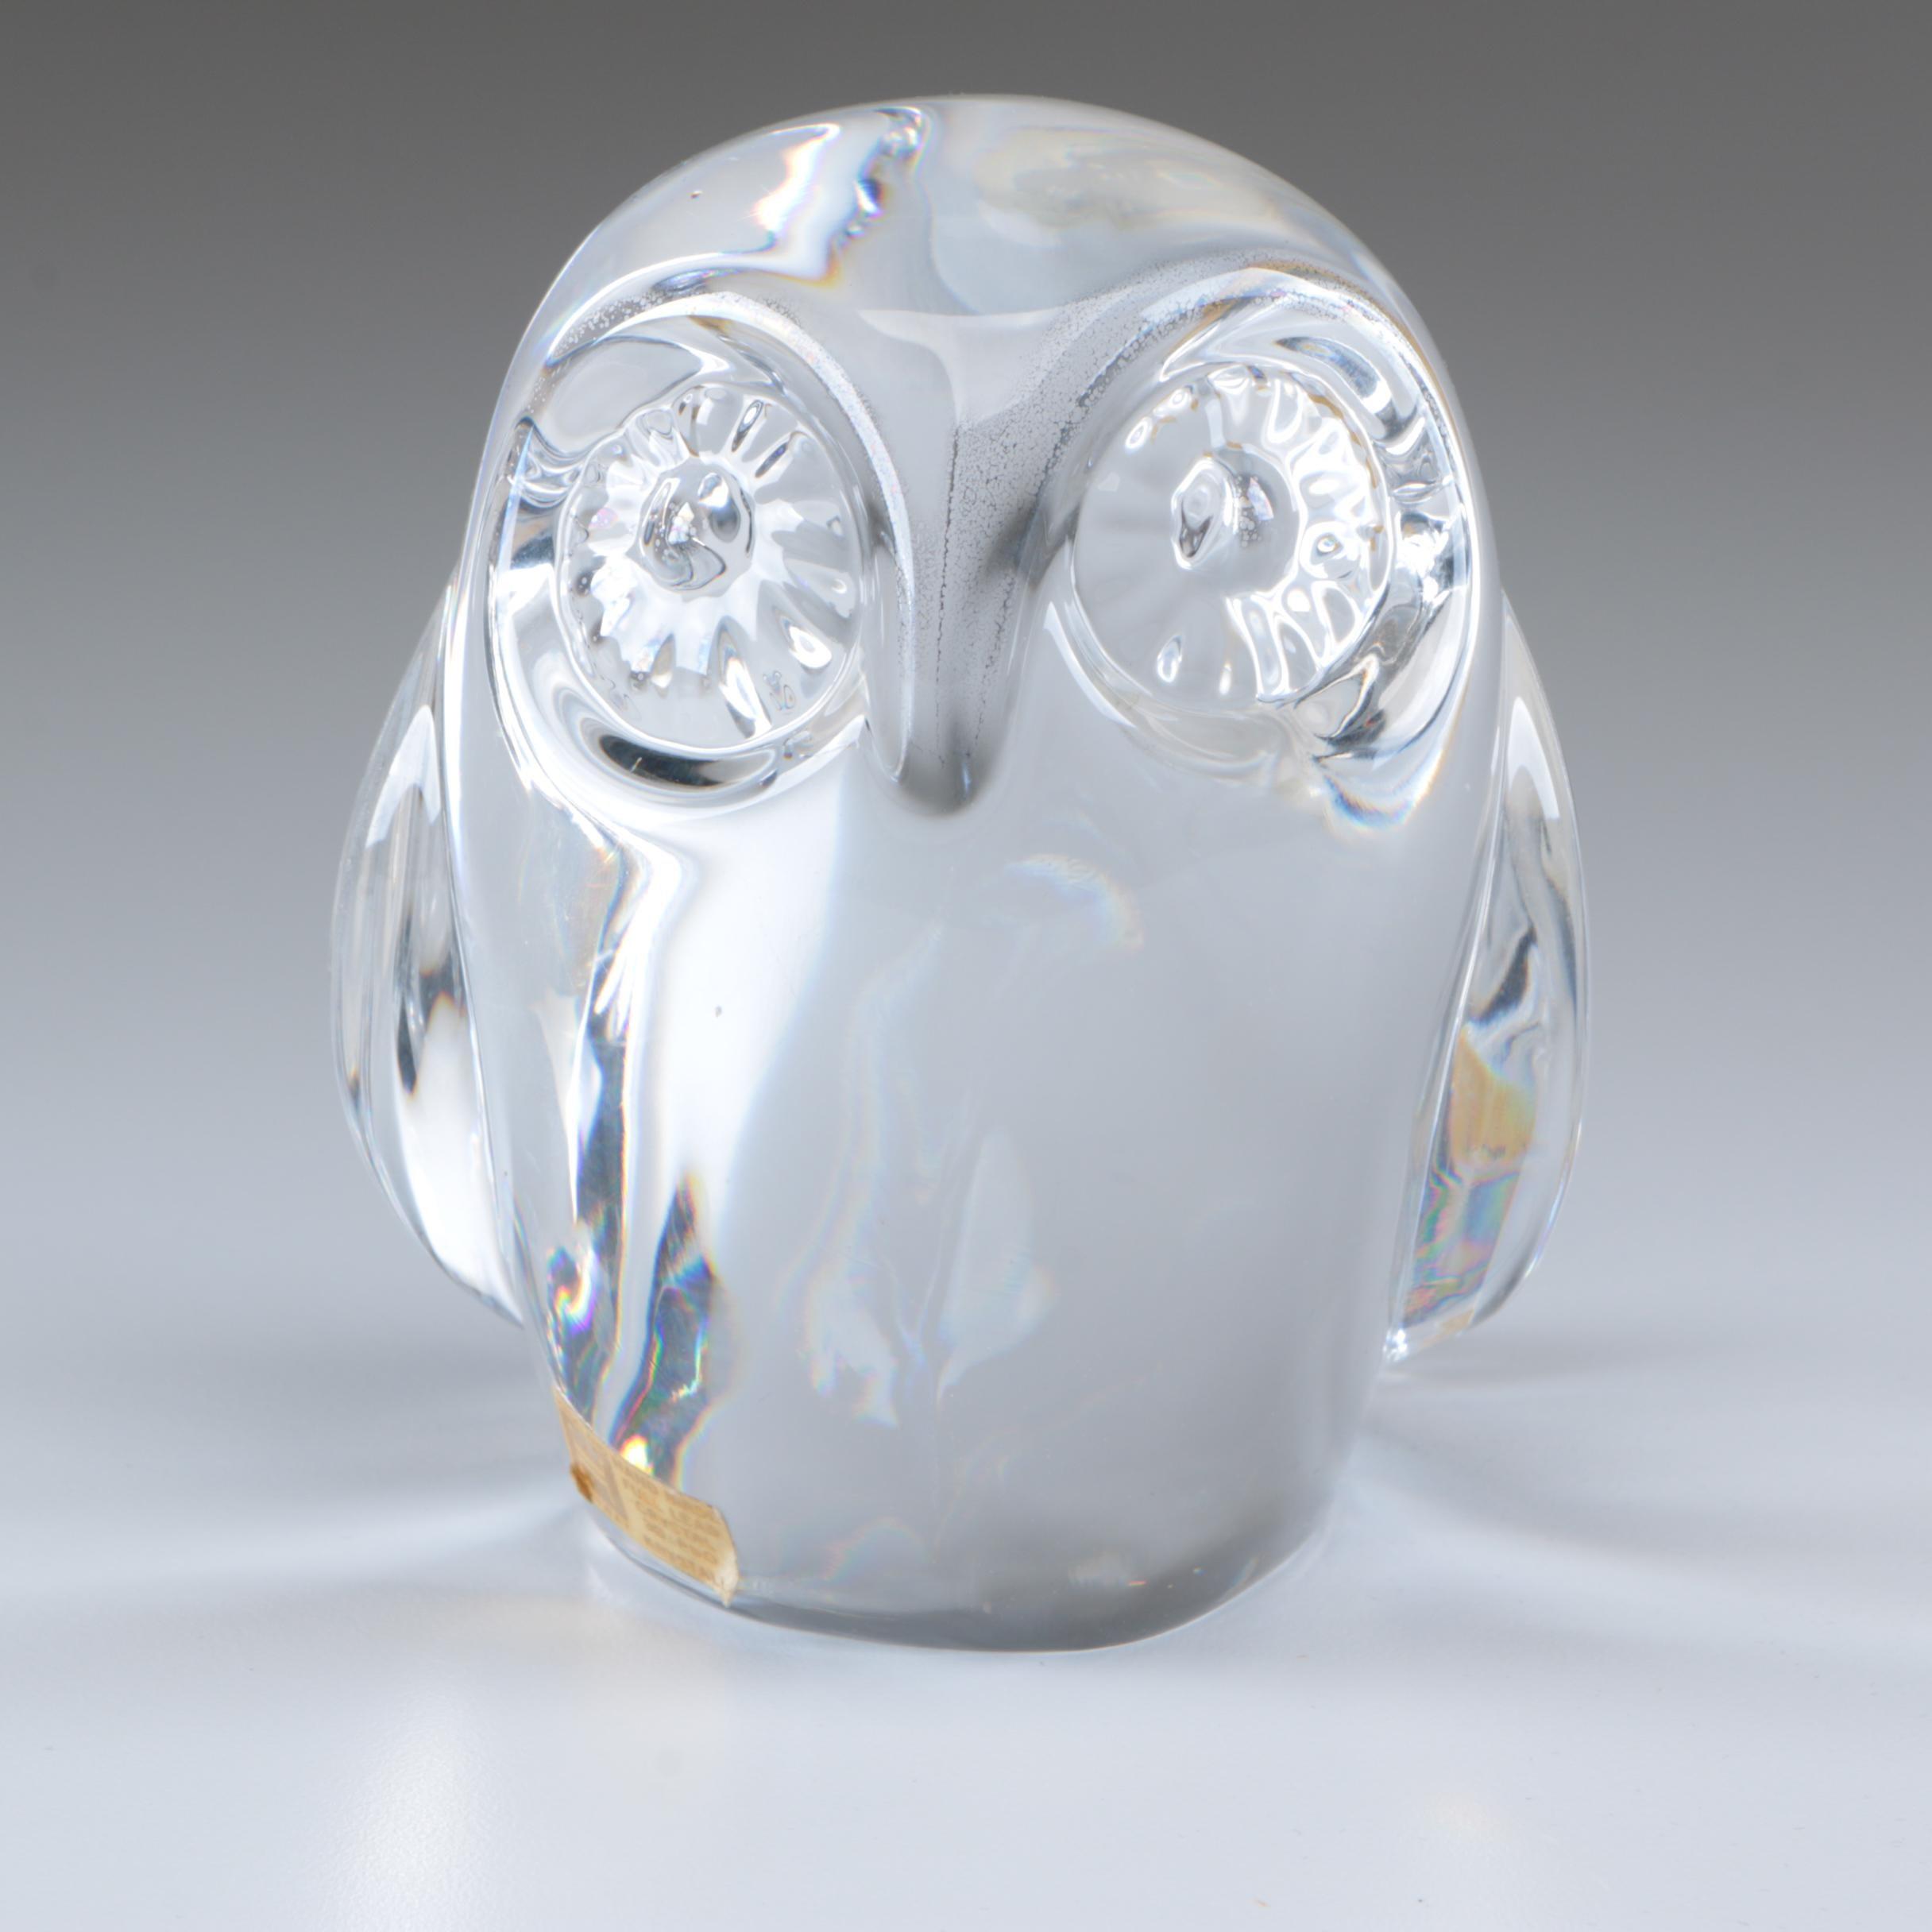 Norwegian Hadeland Crystal Owl Figurine